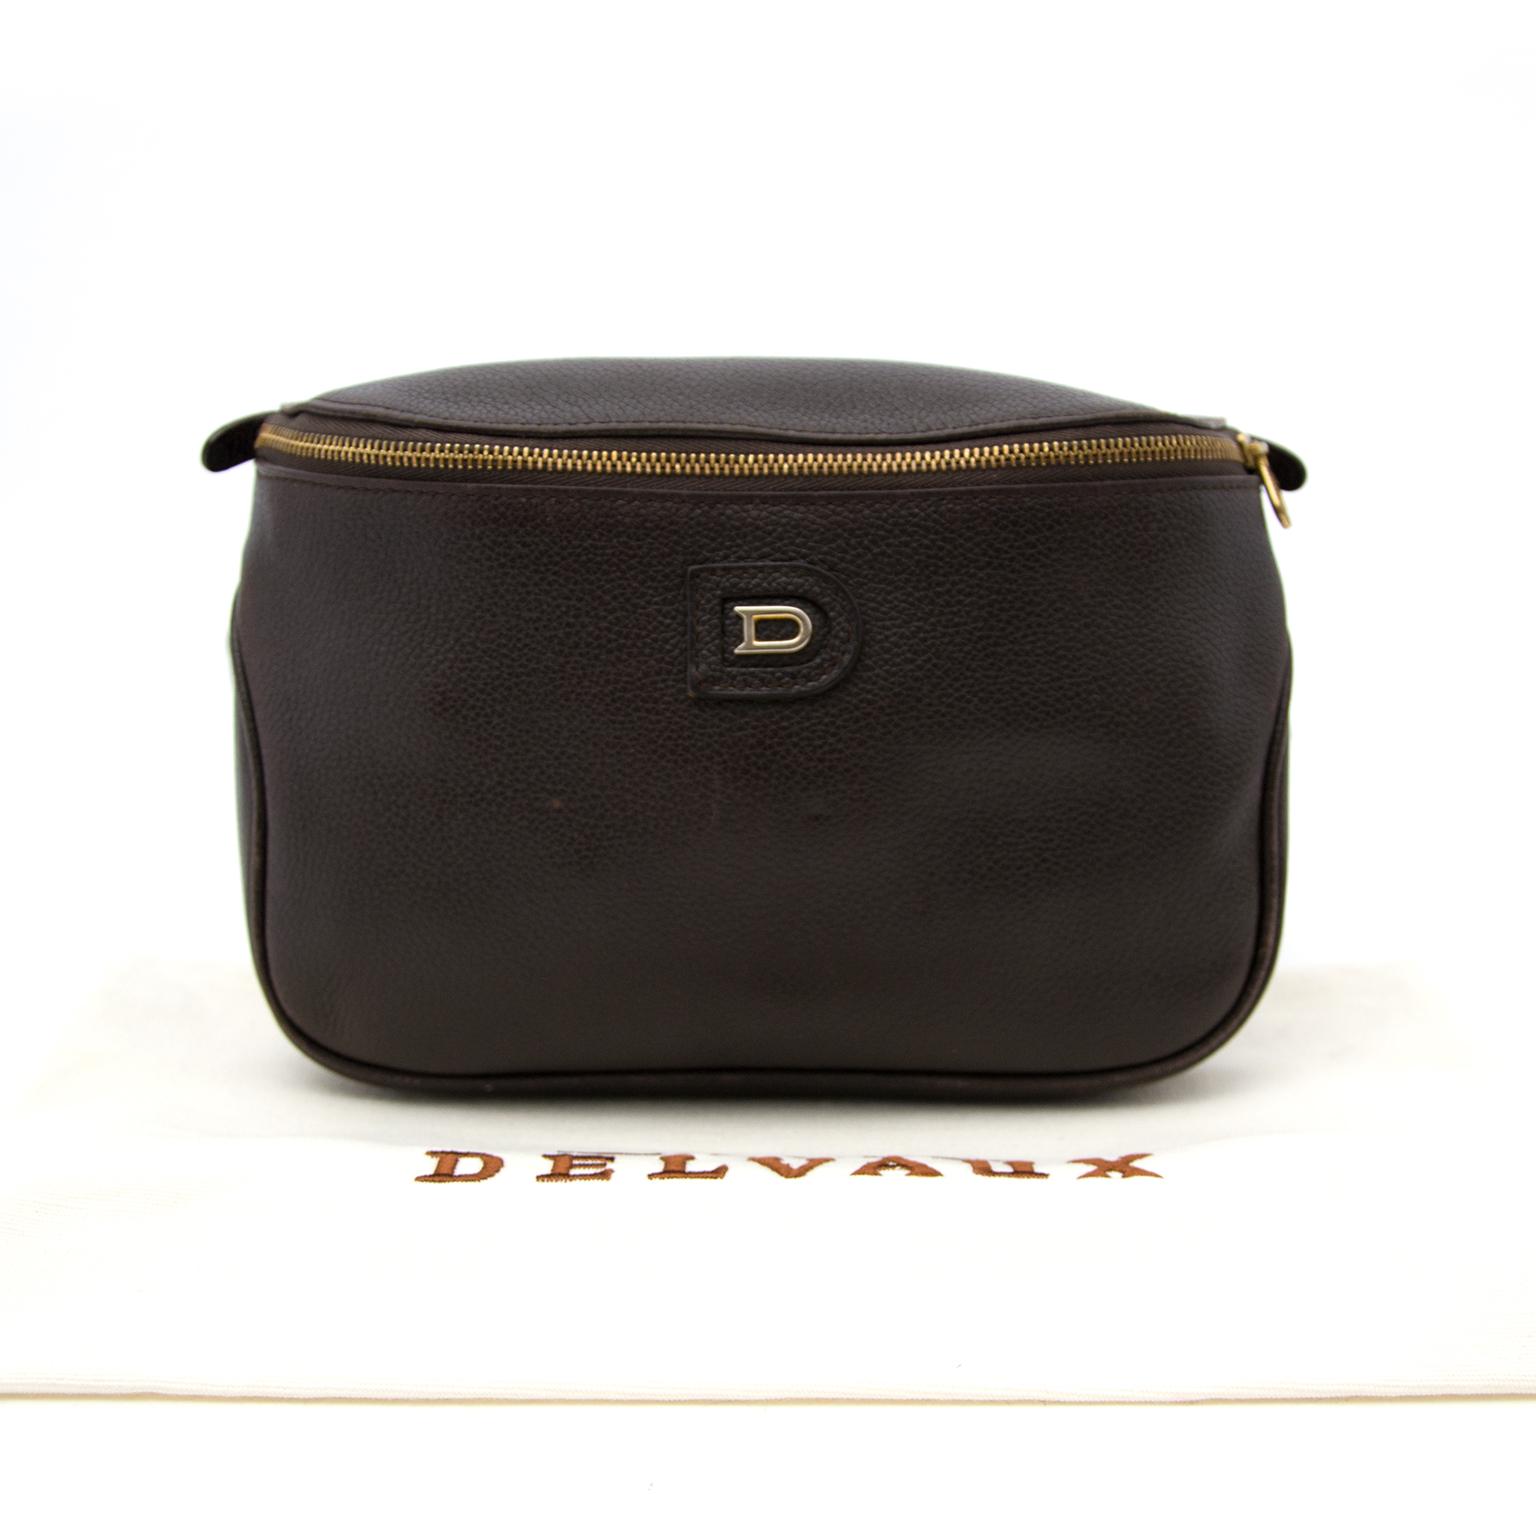 Koop en verkoop uw authentieke Delvaux buideltas online bij Labellov